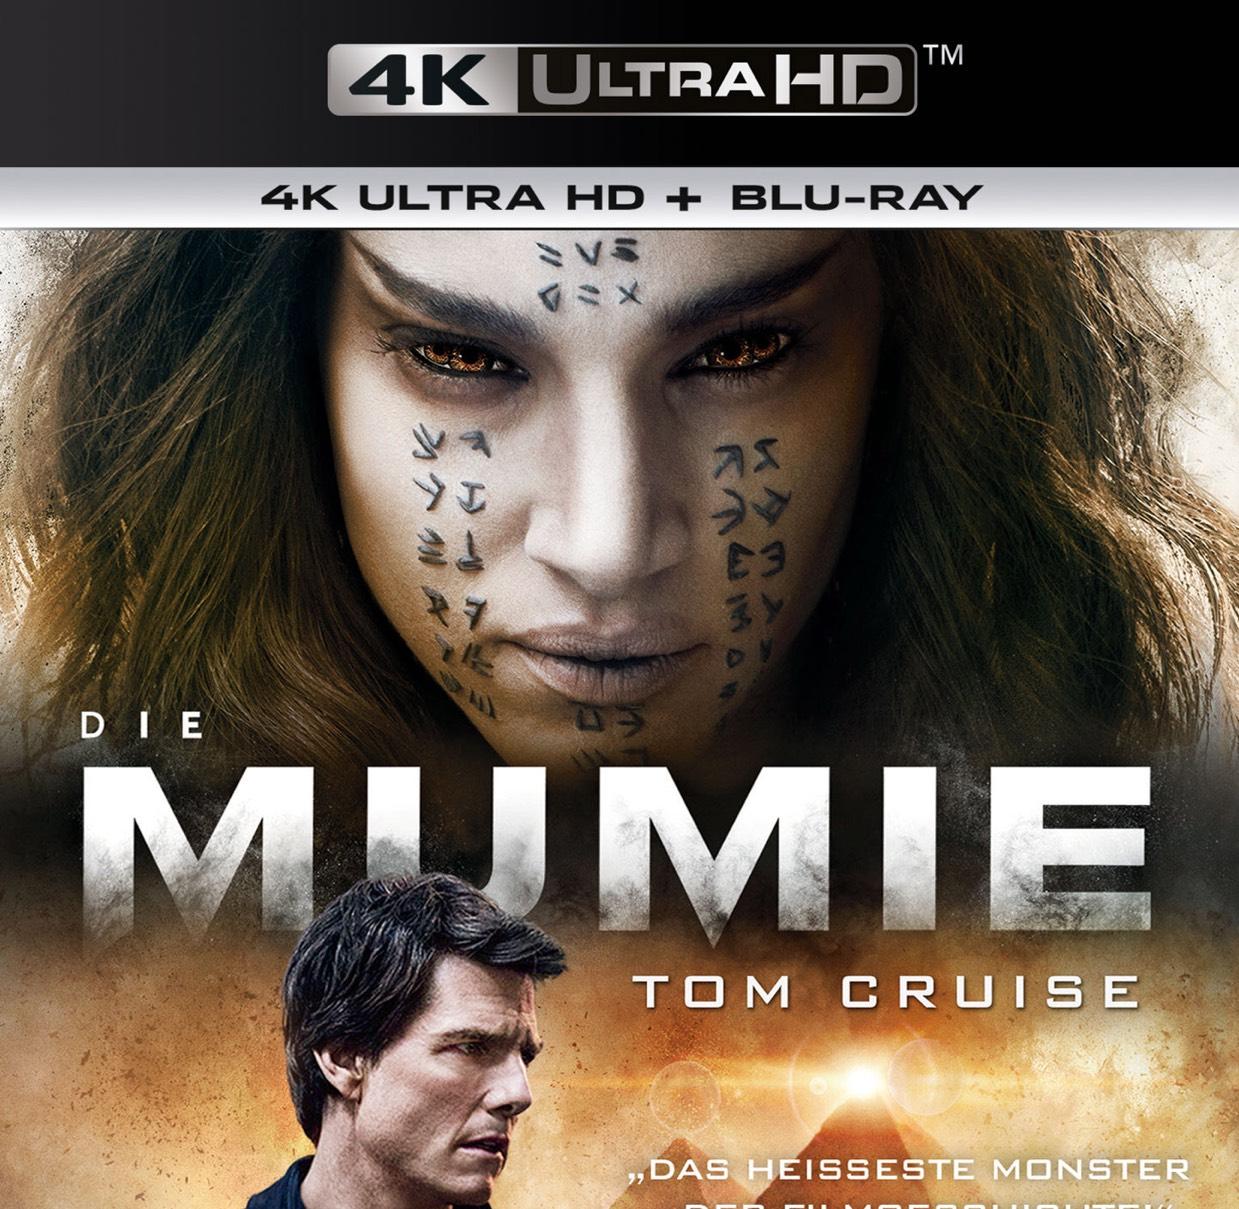 Die Mumie (2017) in 4K und Dolby Vision für 6,99 € im iTunes Store kaufen